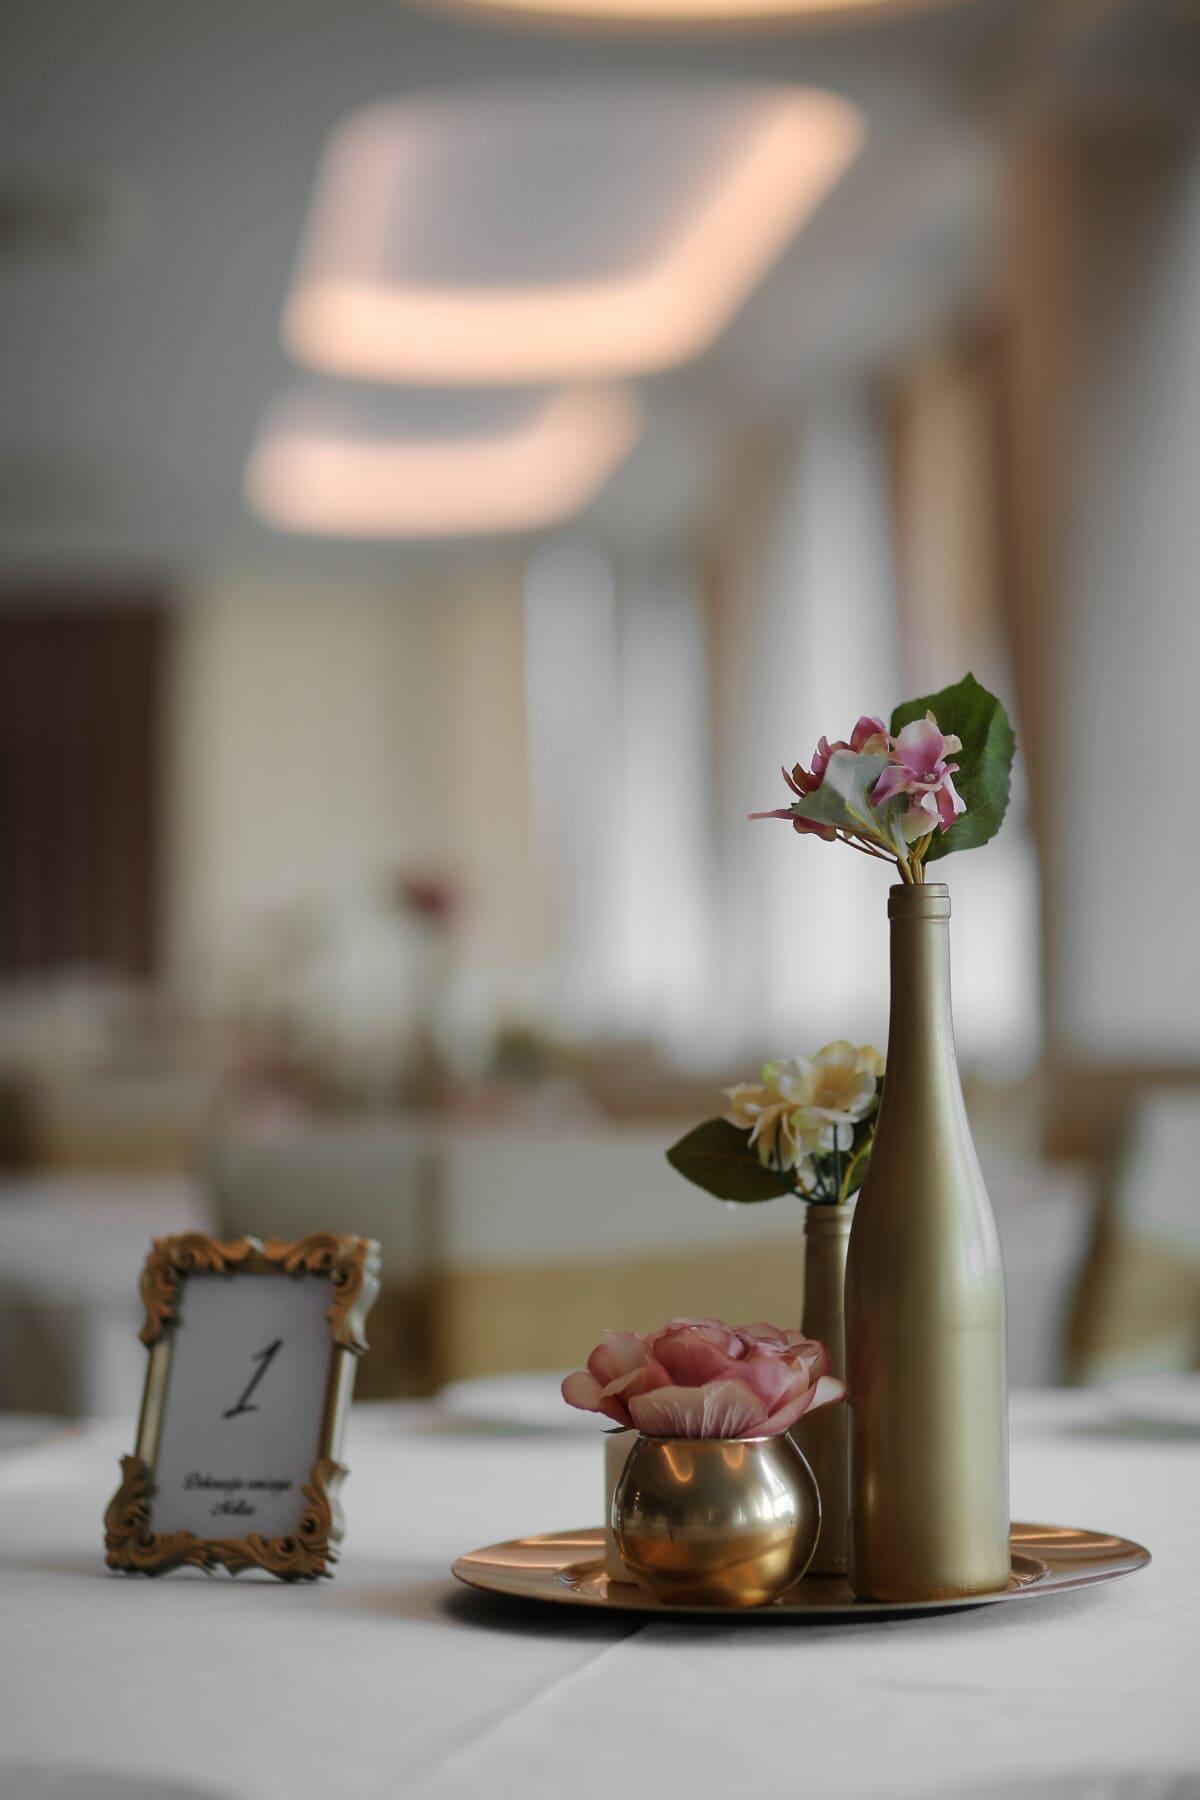 élégant, bouteille, éclat doré, vase, pot de fleurs, des roses, bol, à l'intérieur, Design d'intérieur, mariage